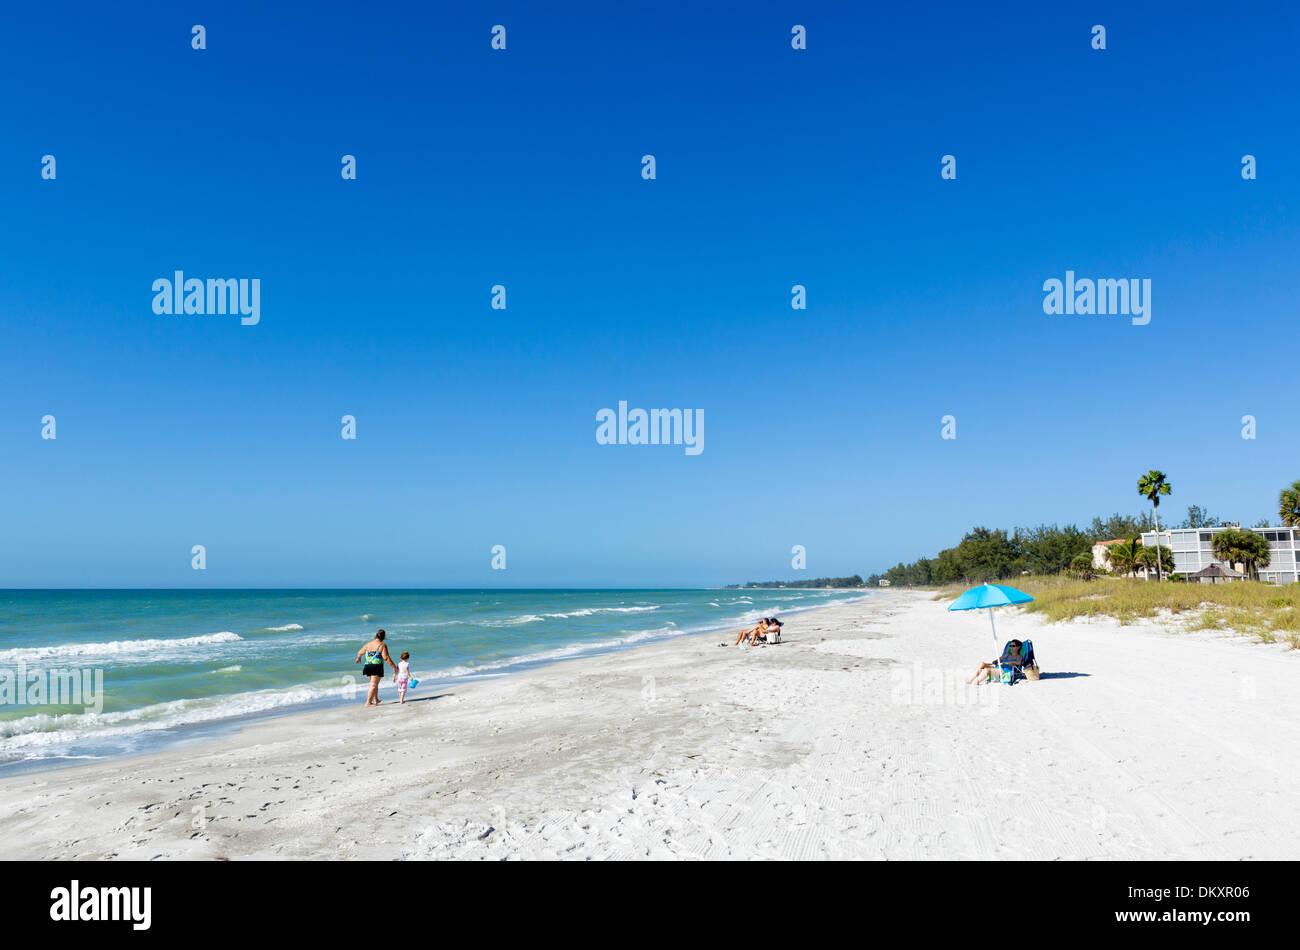 Beach at Longboat Key, Gulf Coast, Florida, USA - Stock Image